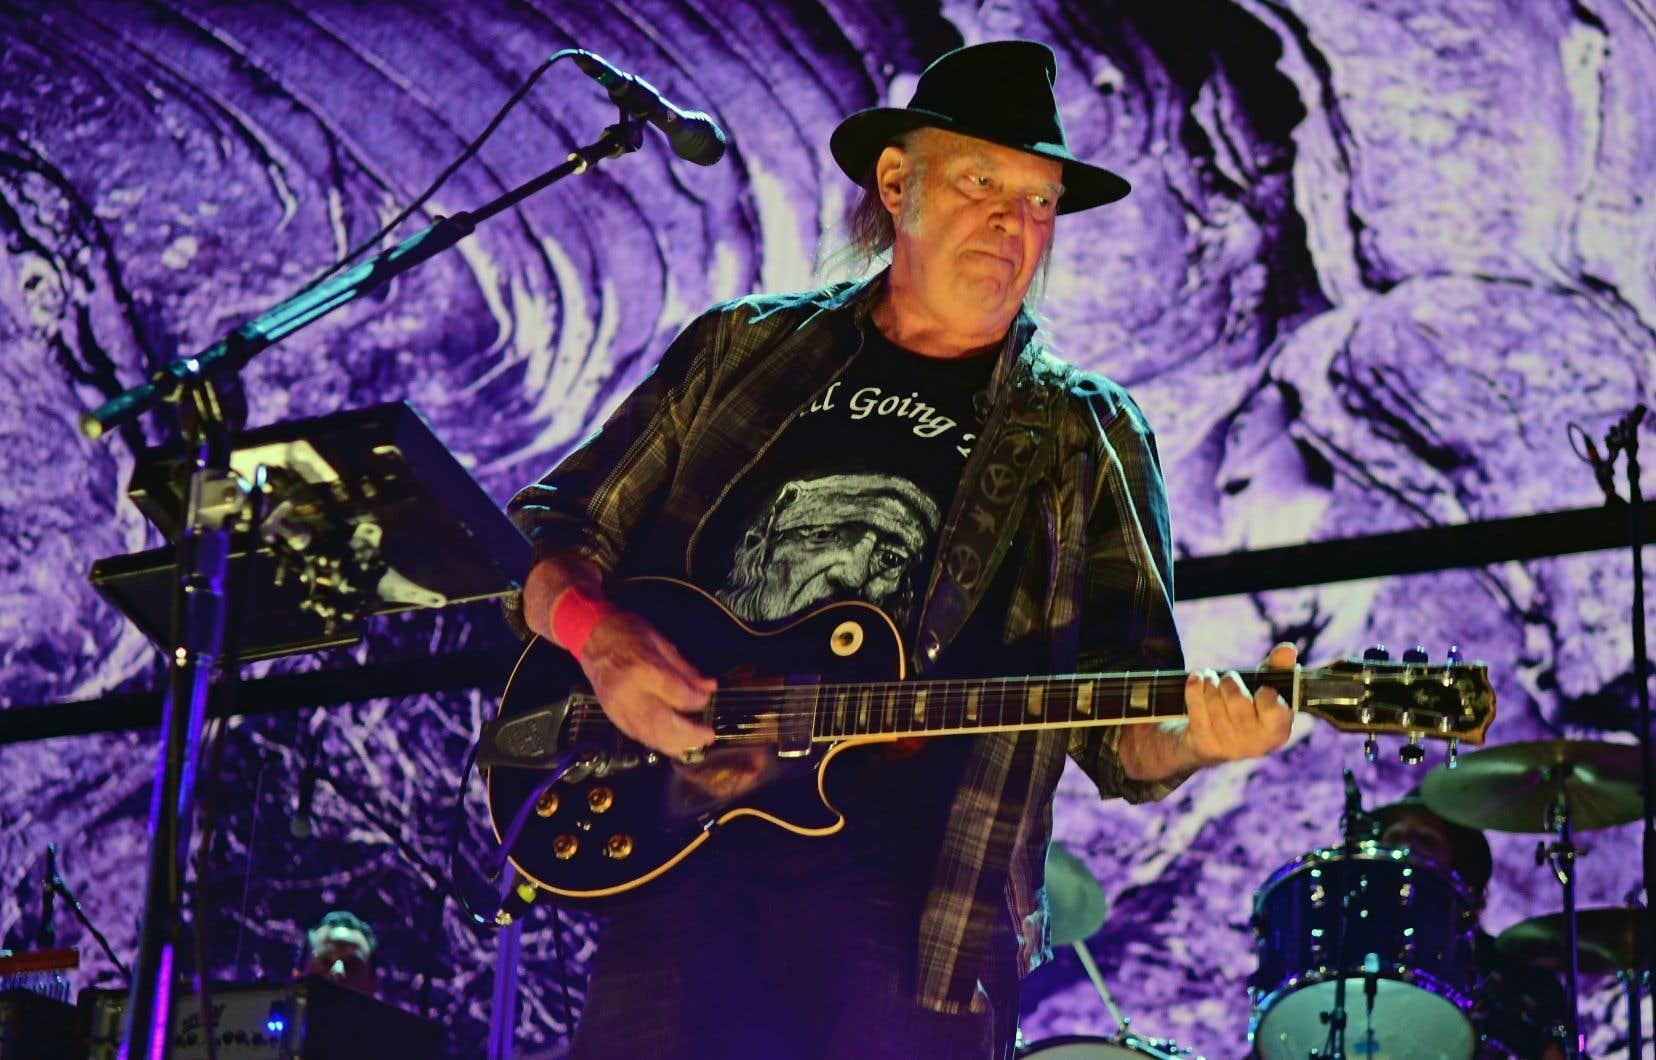 Neil Young en spectacle en Pennsylvanie en septembre 2017. Le dernier concert de ce géant du folk remonte au 1erdécembre 2017, en Ontario.